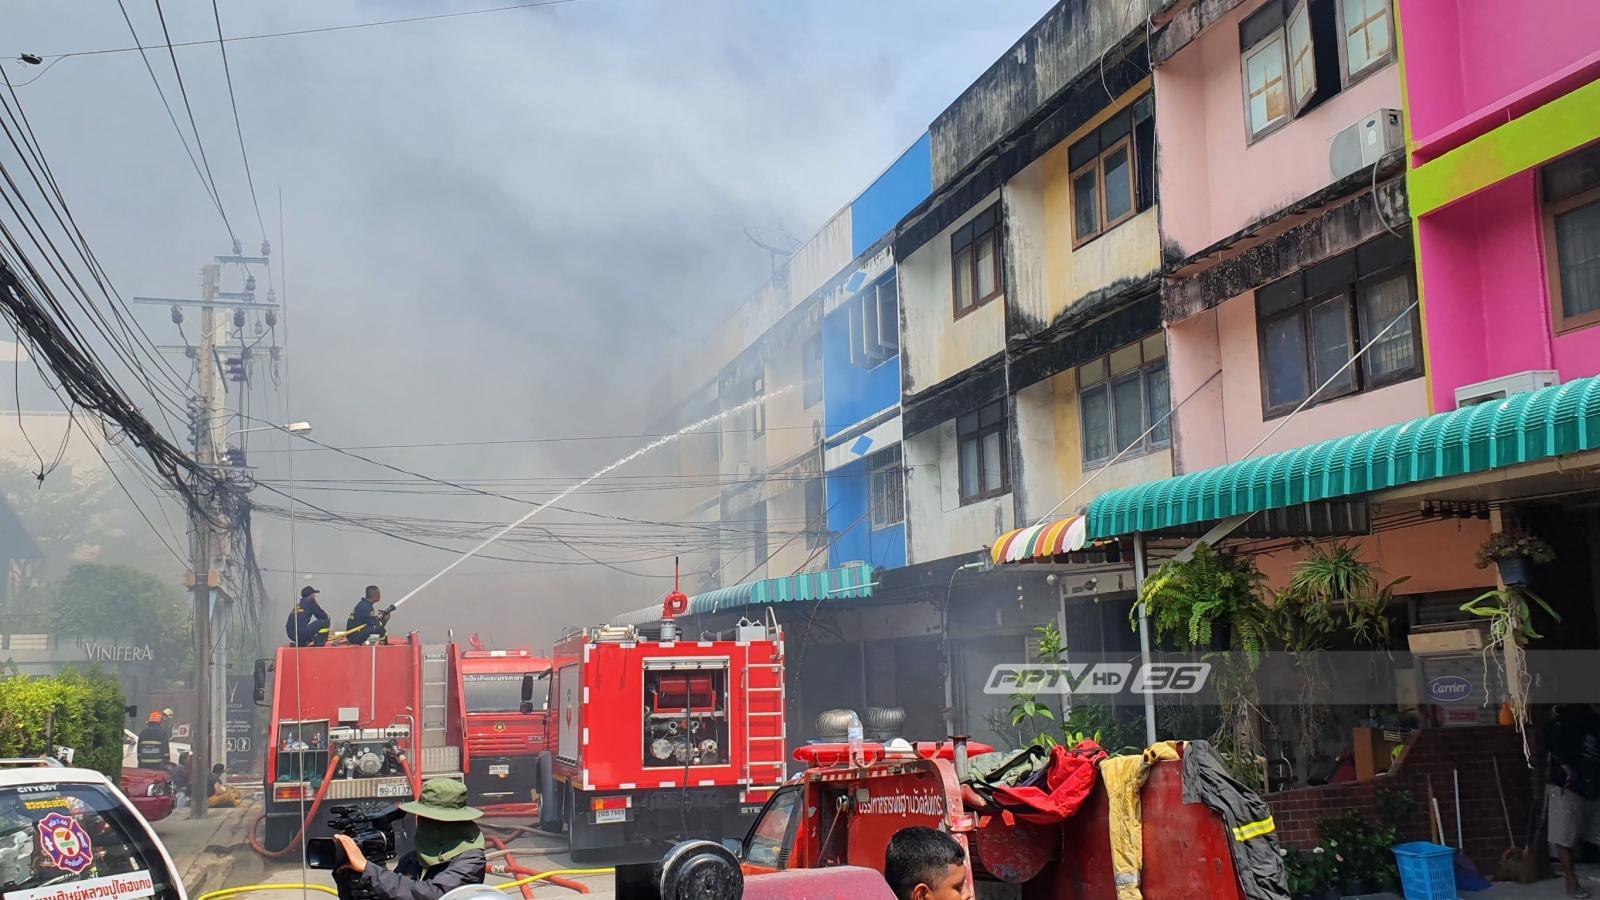 ไฟไหม้โรงงานผลิตอุปกรณ์ทำความสะอาดย่านโชคชัย 4  เจ้าหน้าที่เร่งควบคุมเพลิง